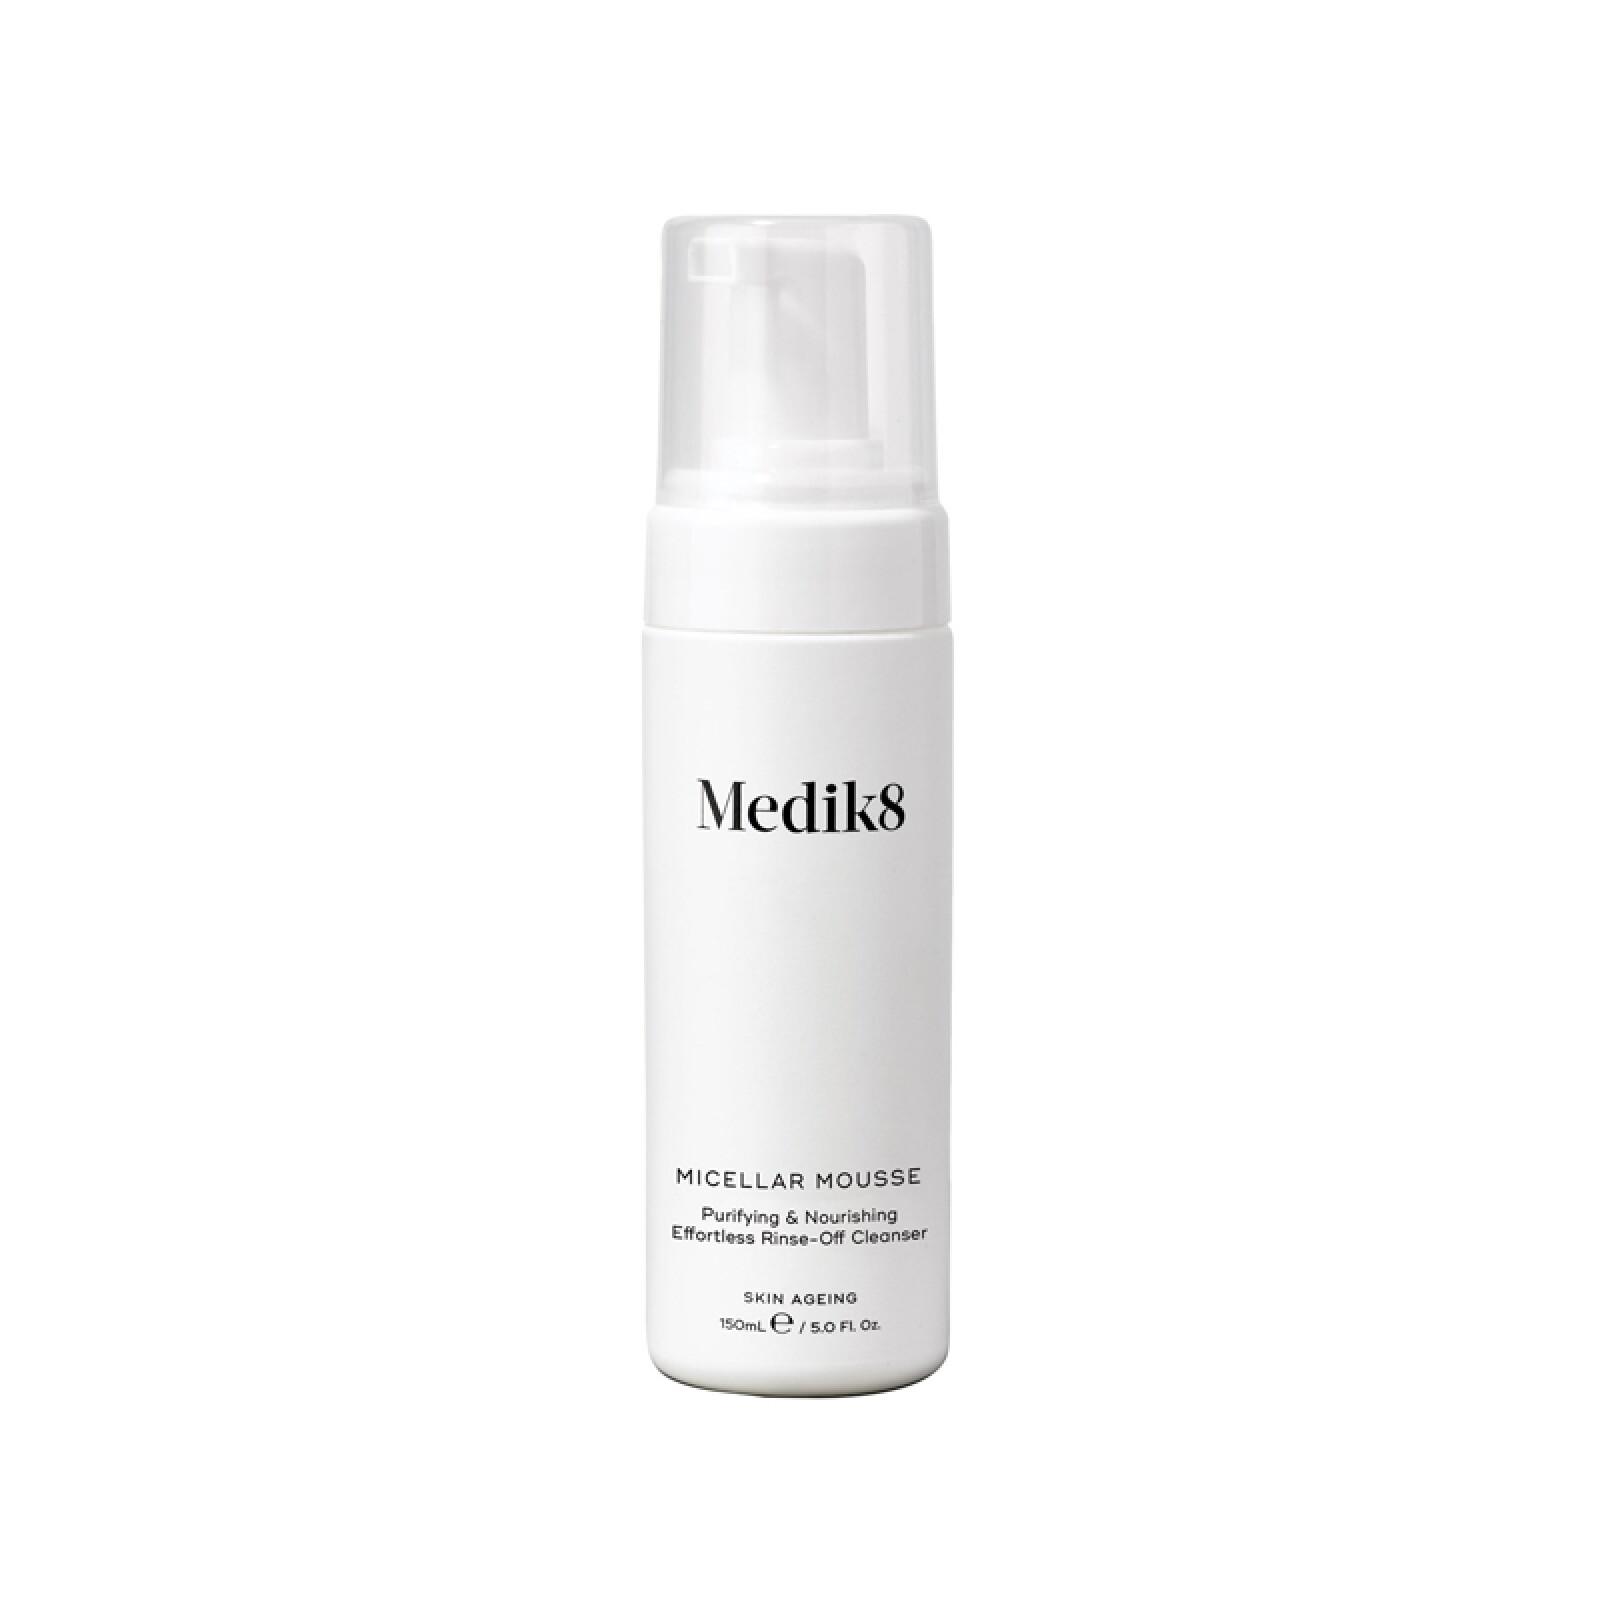 productos-maquillaje-skincare-belleza-beauty-rutina-medik8